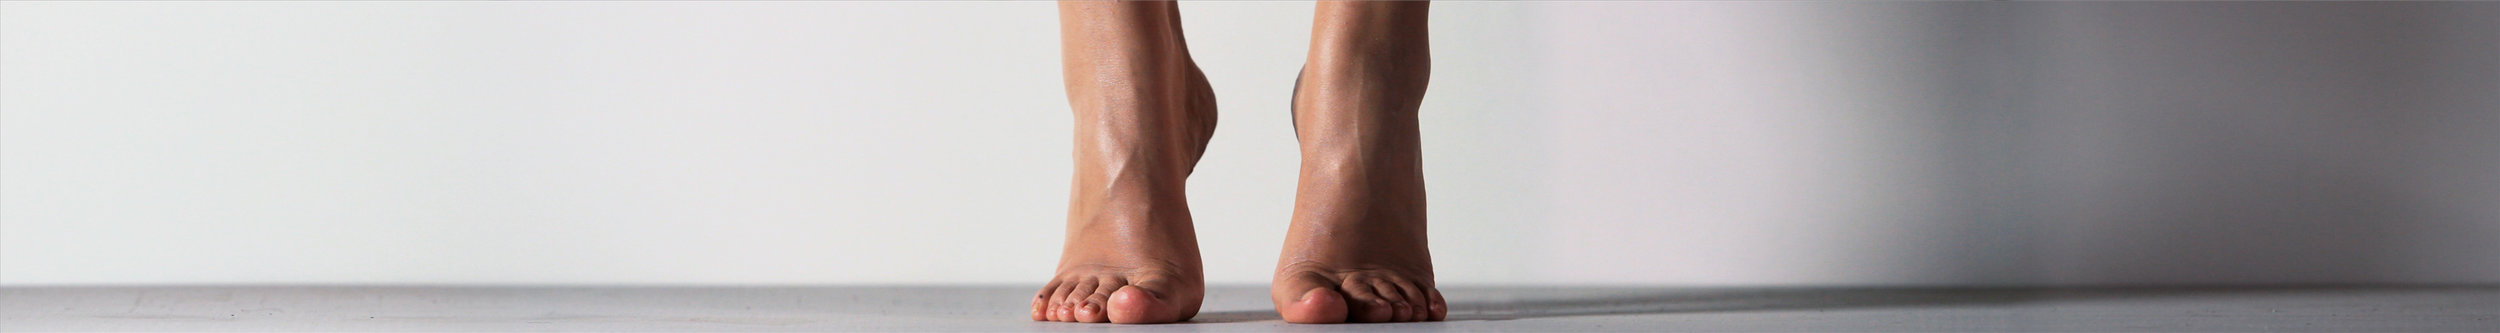 Sanchez, Casilda_Quisiera_feet_05.jpg